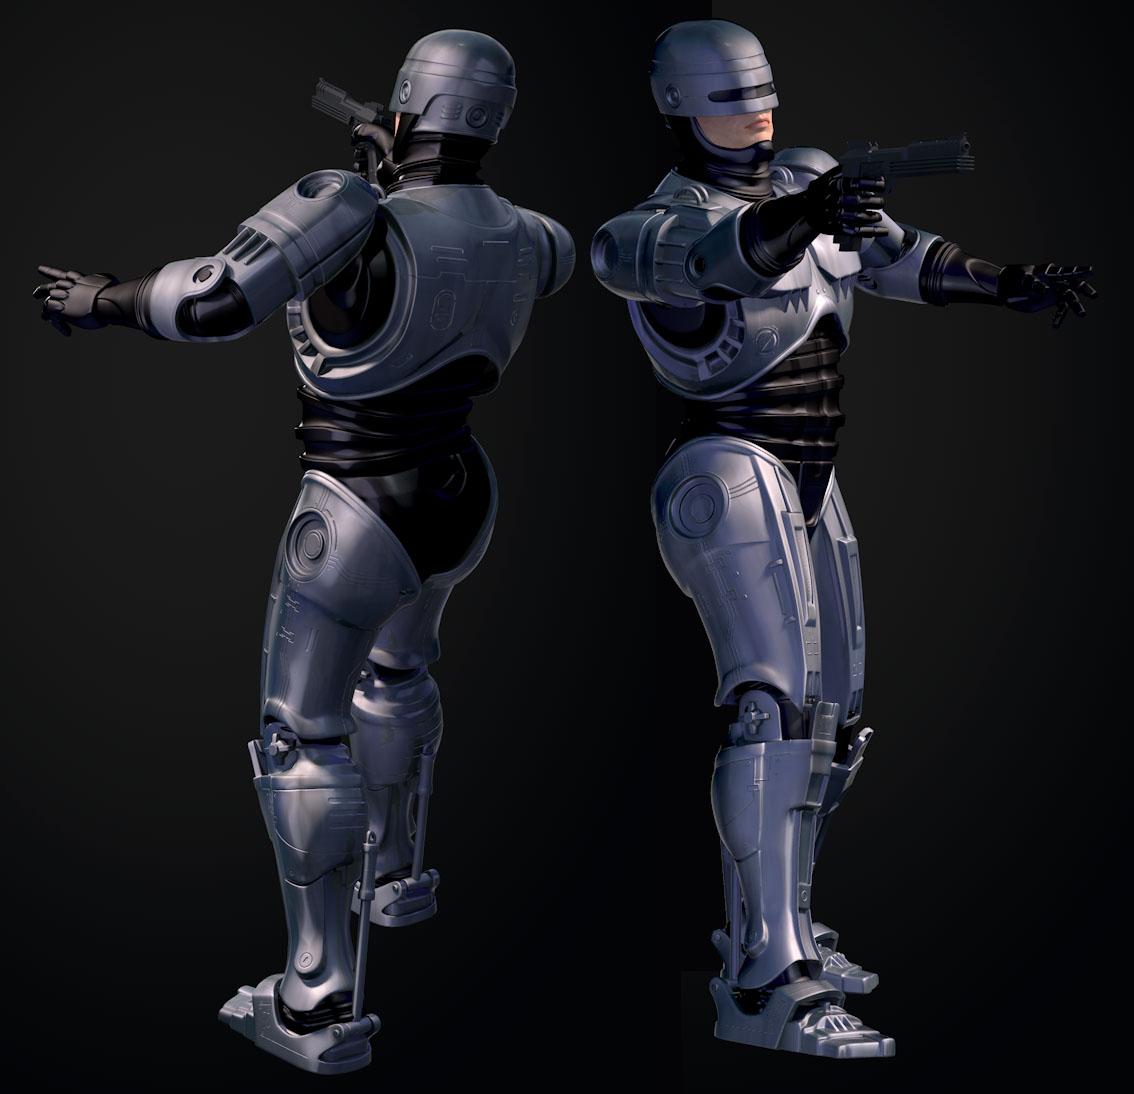 Robocop_Front_Back.jpg